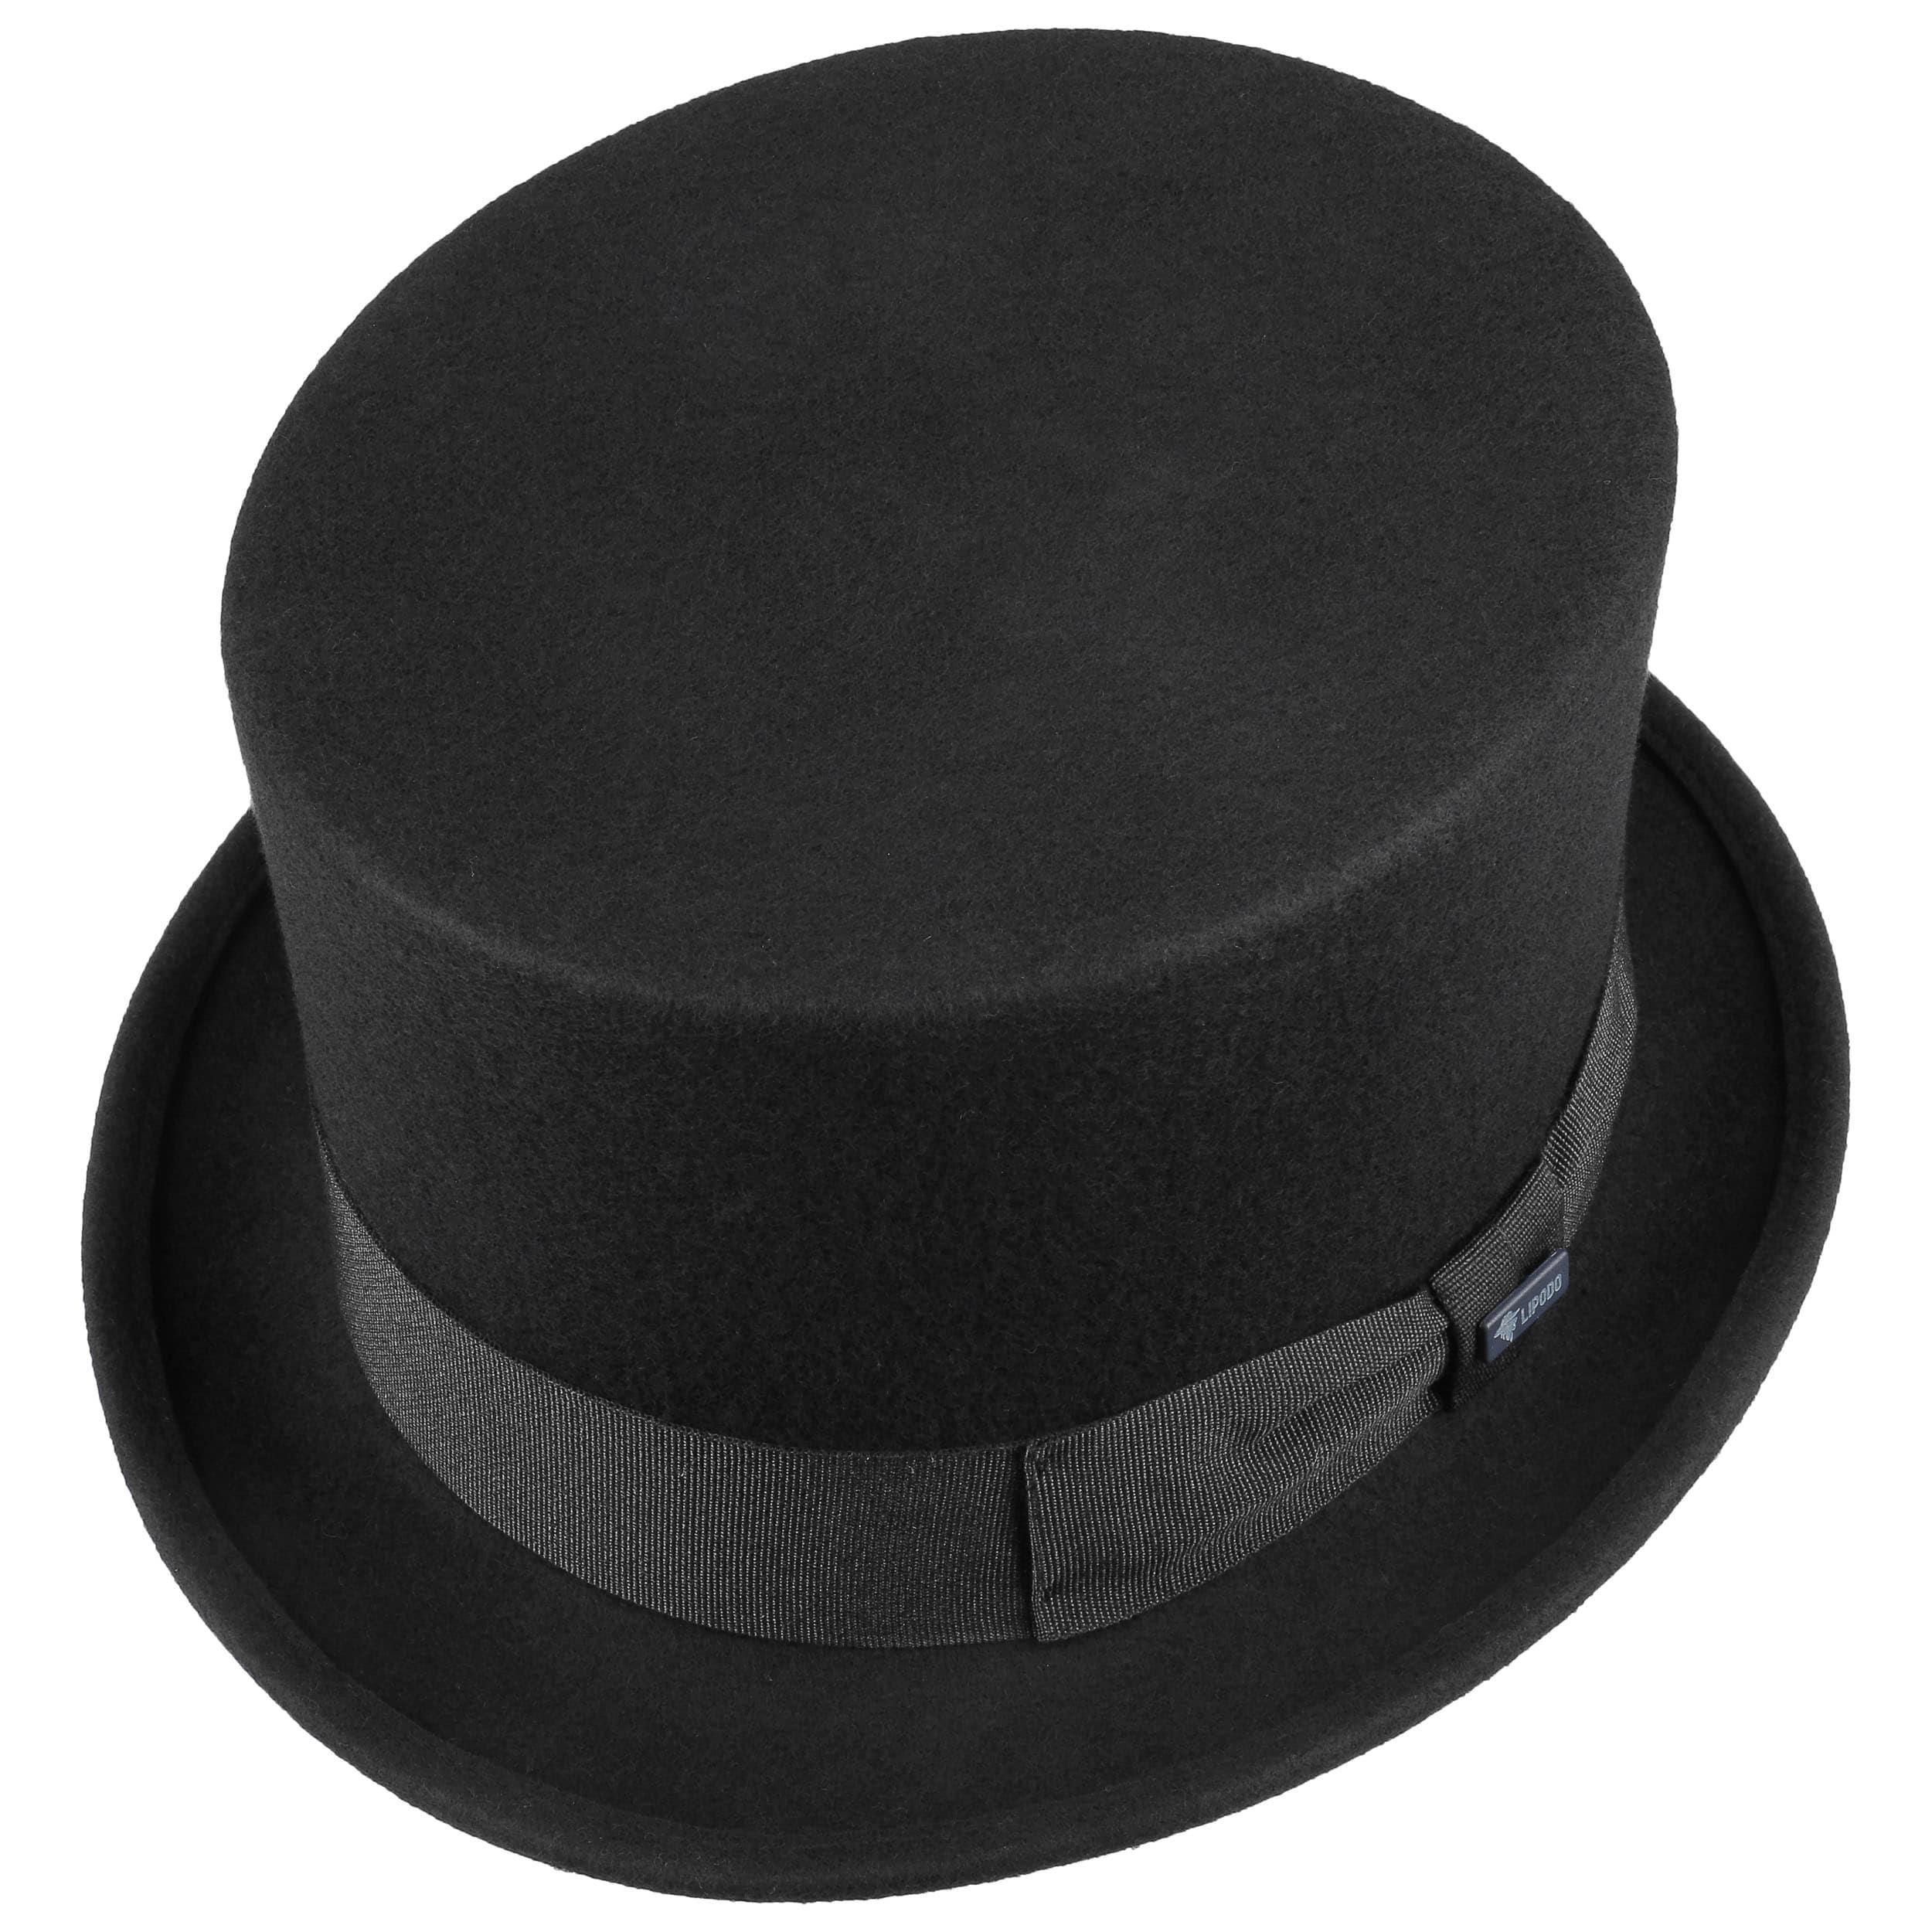 129e4ca0f Wool Felt Top Hat for Kids by Lipodo